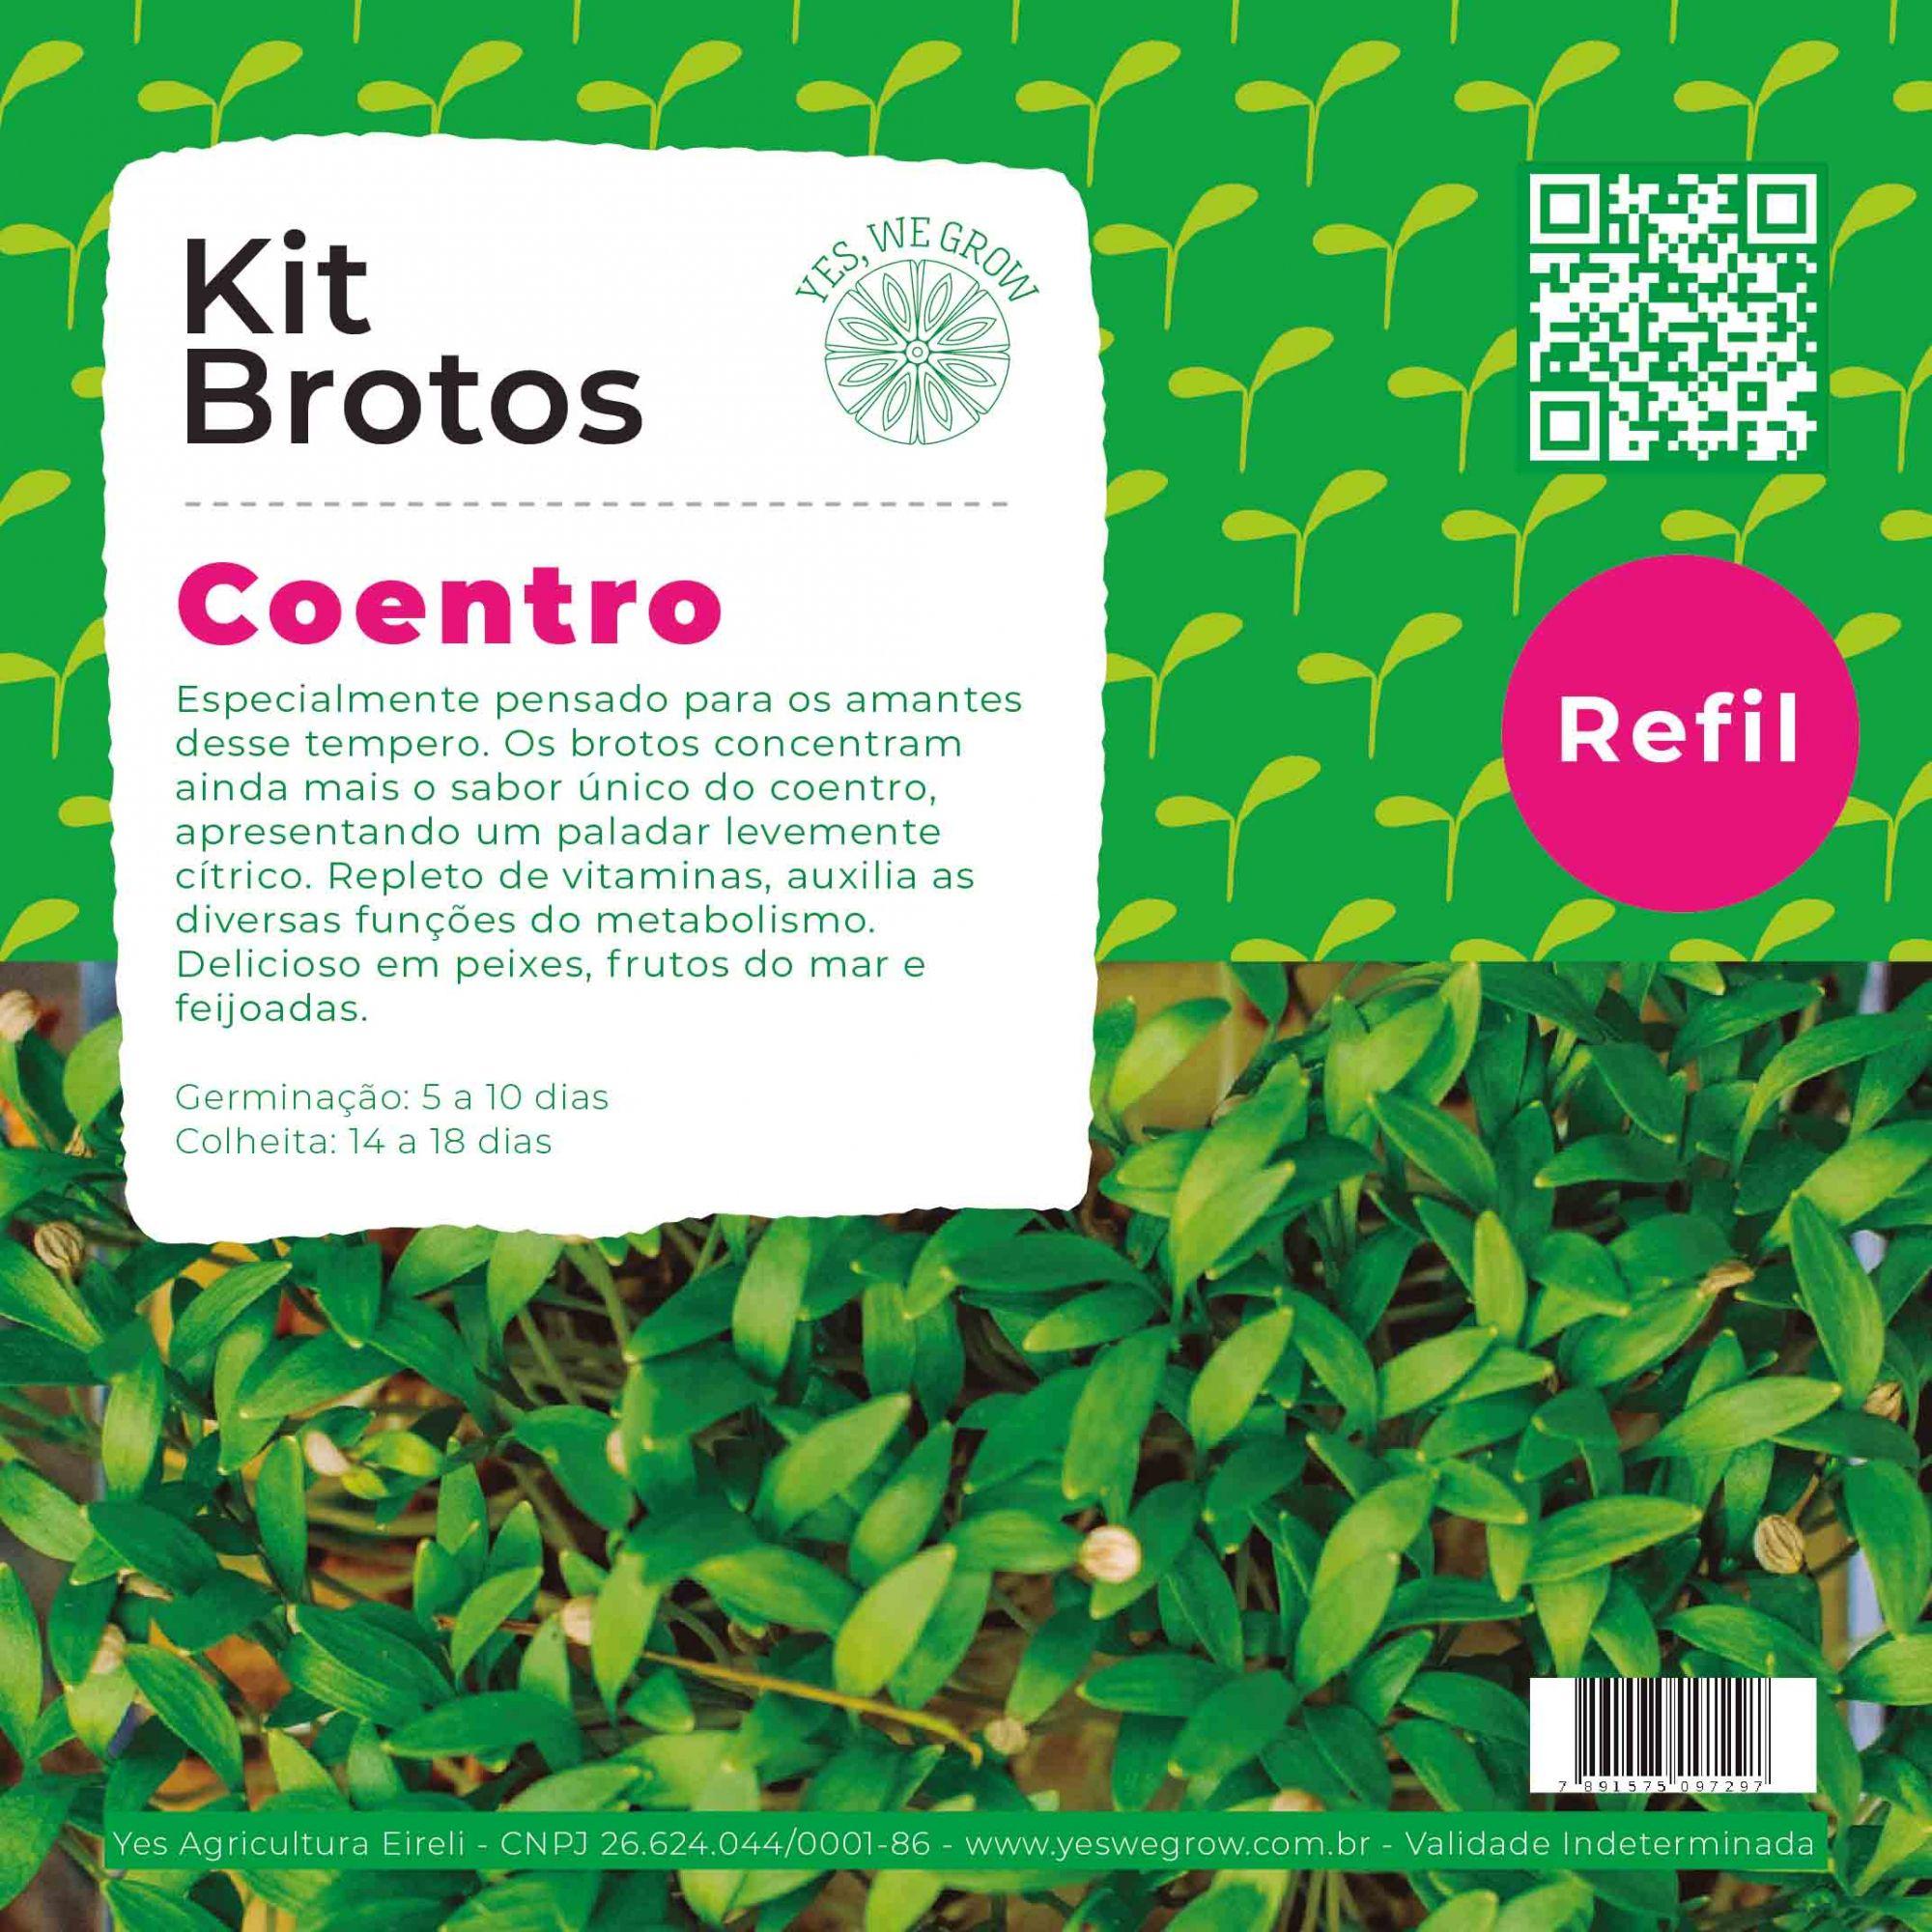 Refil para Kit Brotos Coentro